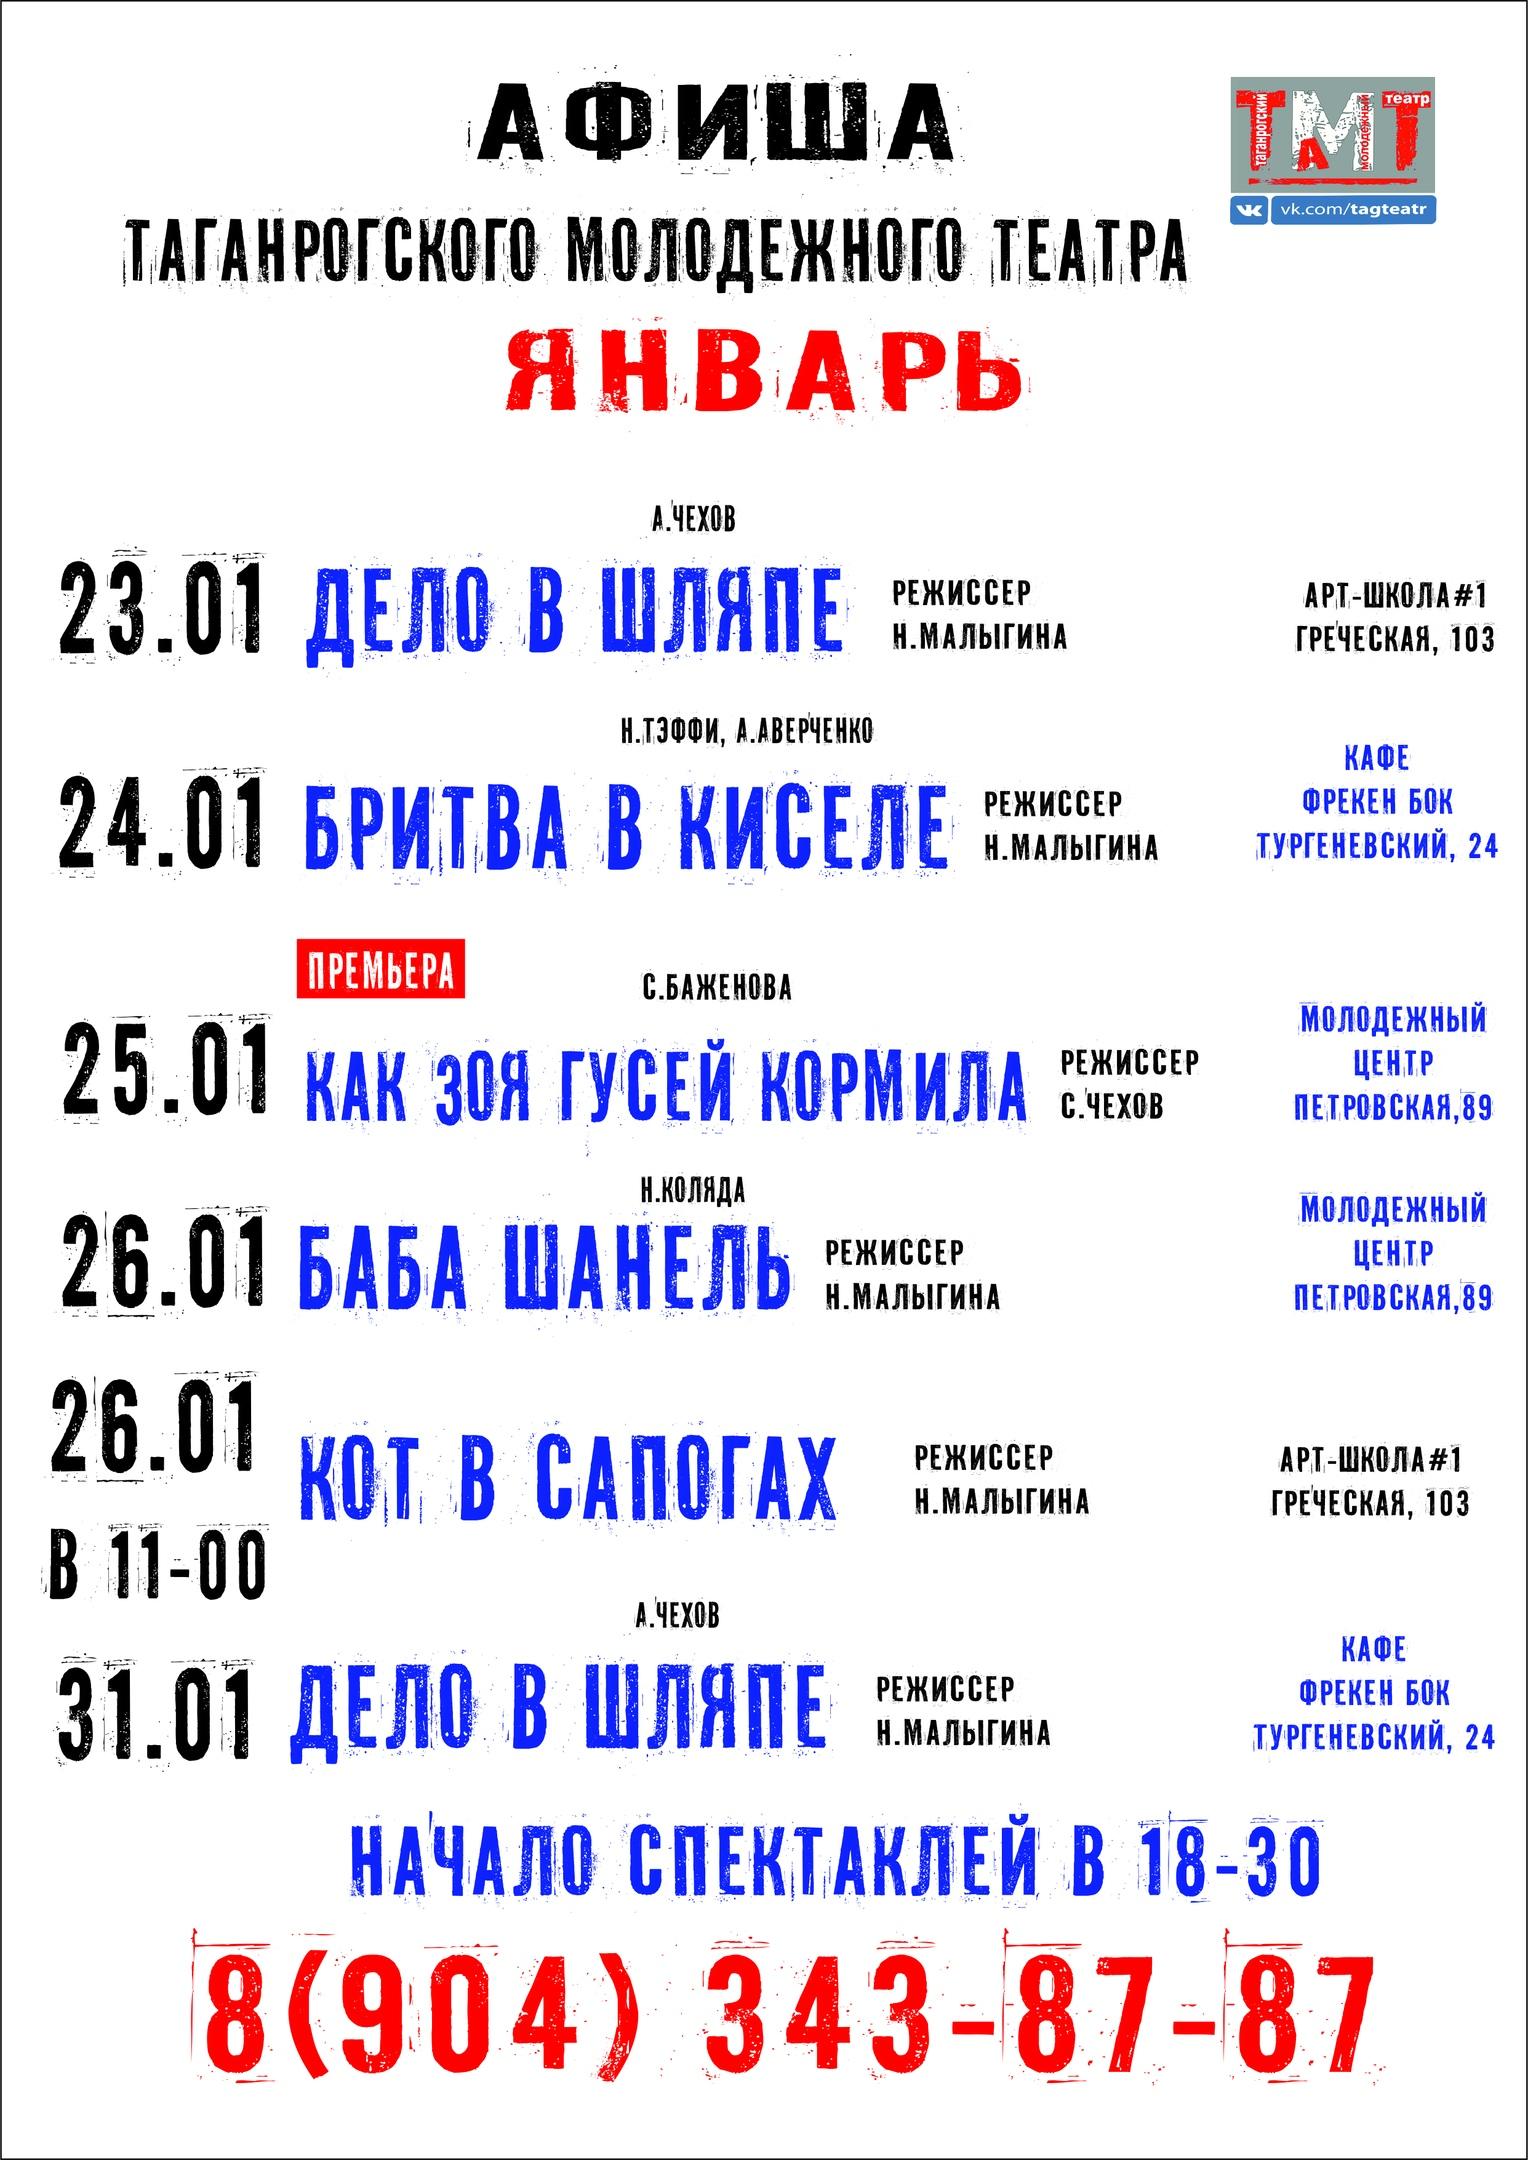 Афиша спектаклей в ЯНВАРЕ. Молодежный театр Нонны Малыгиной